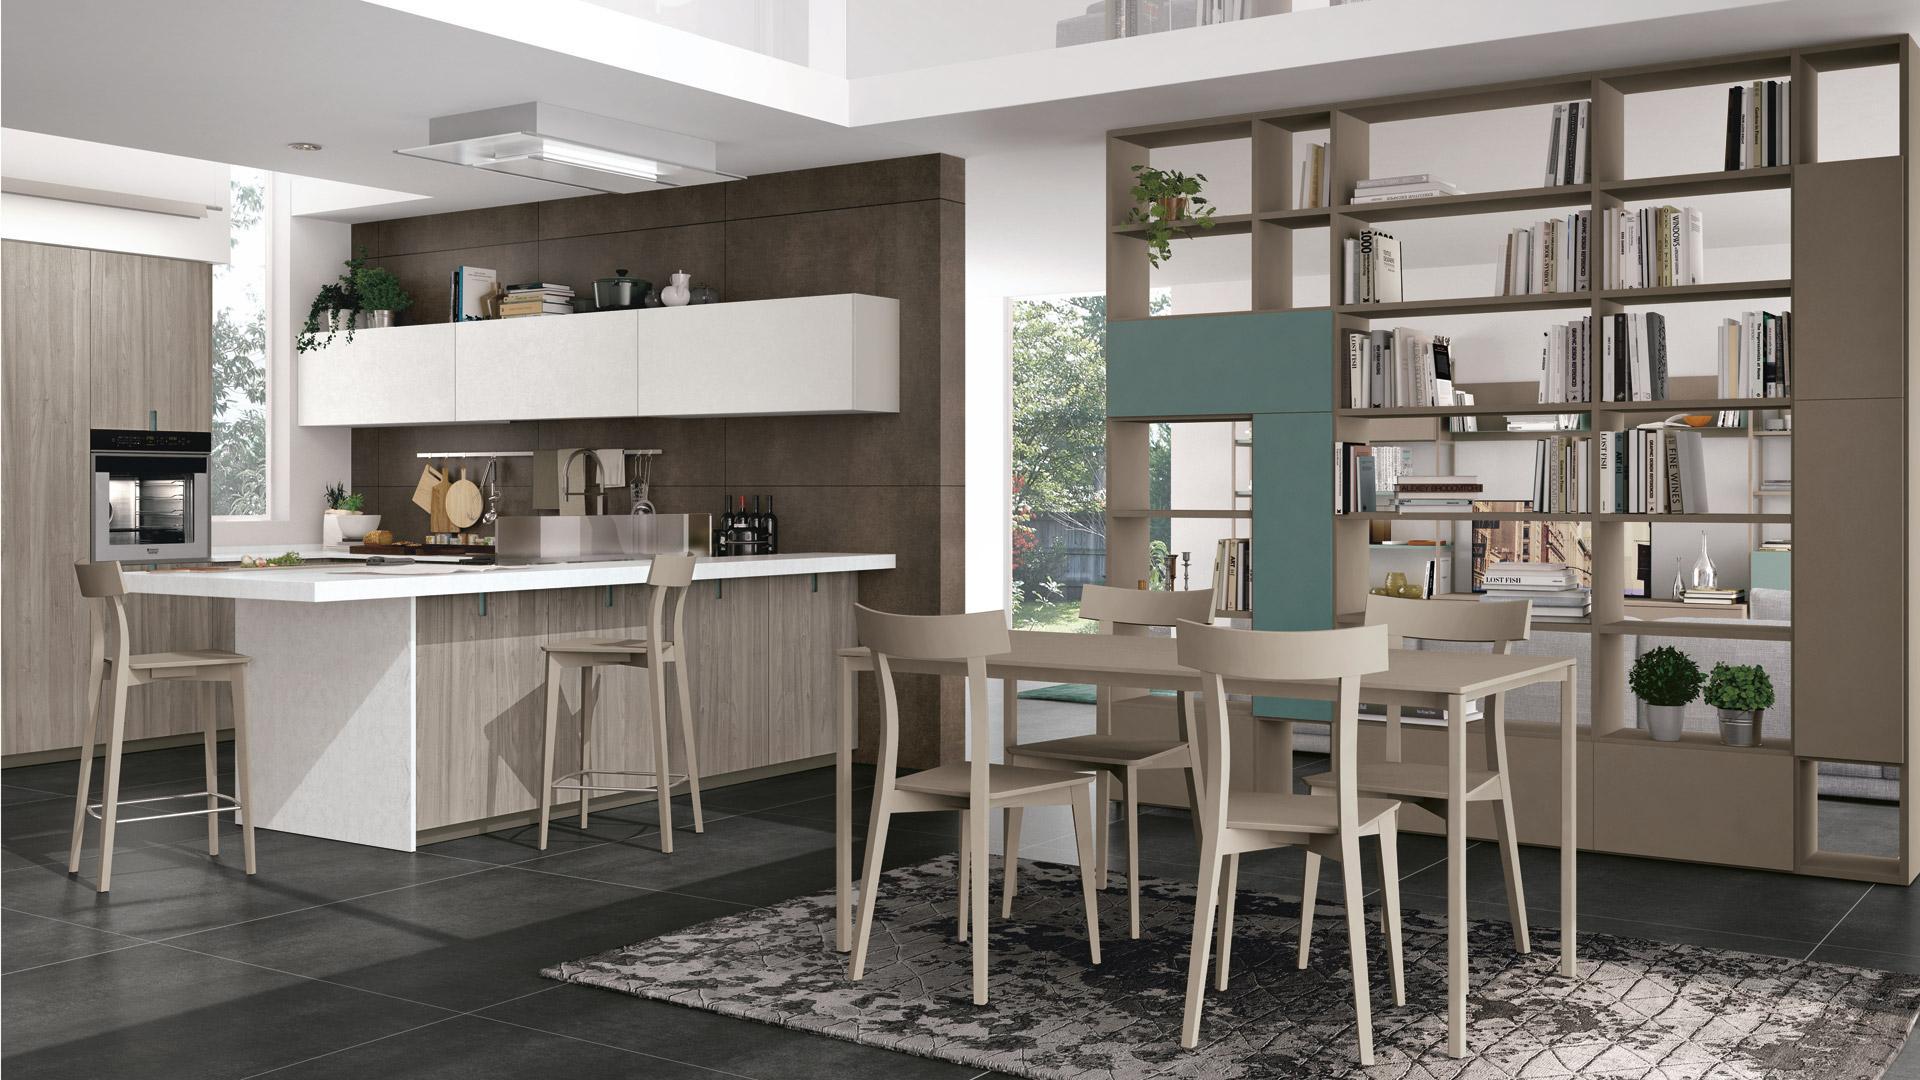 Differenza Tra Creo E Lube le sedie per la cucina, come sceglierle - lube store milano